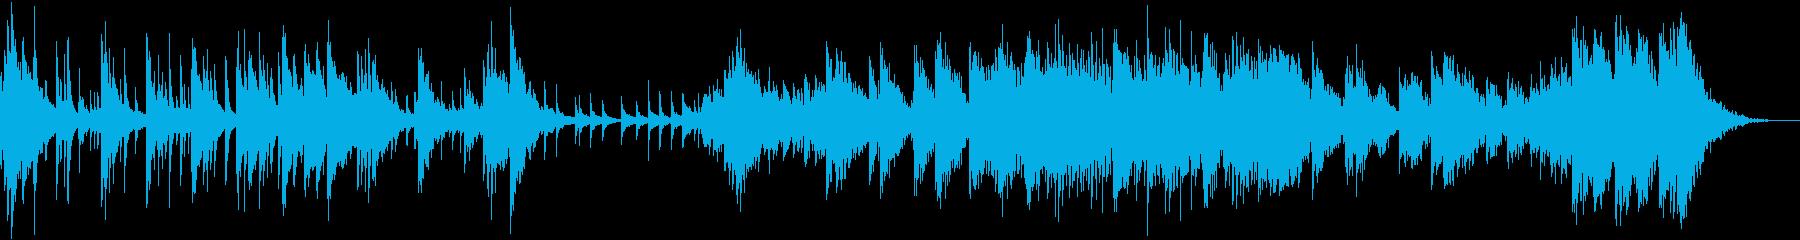 打楽器のみで迫力を演出の再生済みの波形